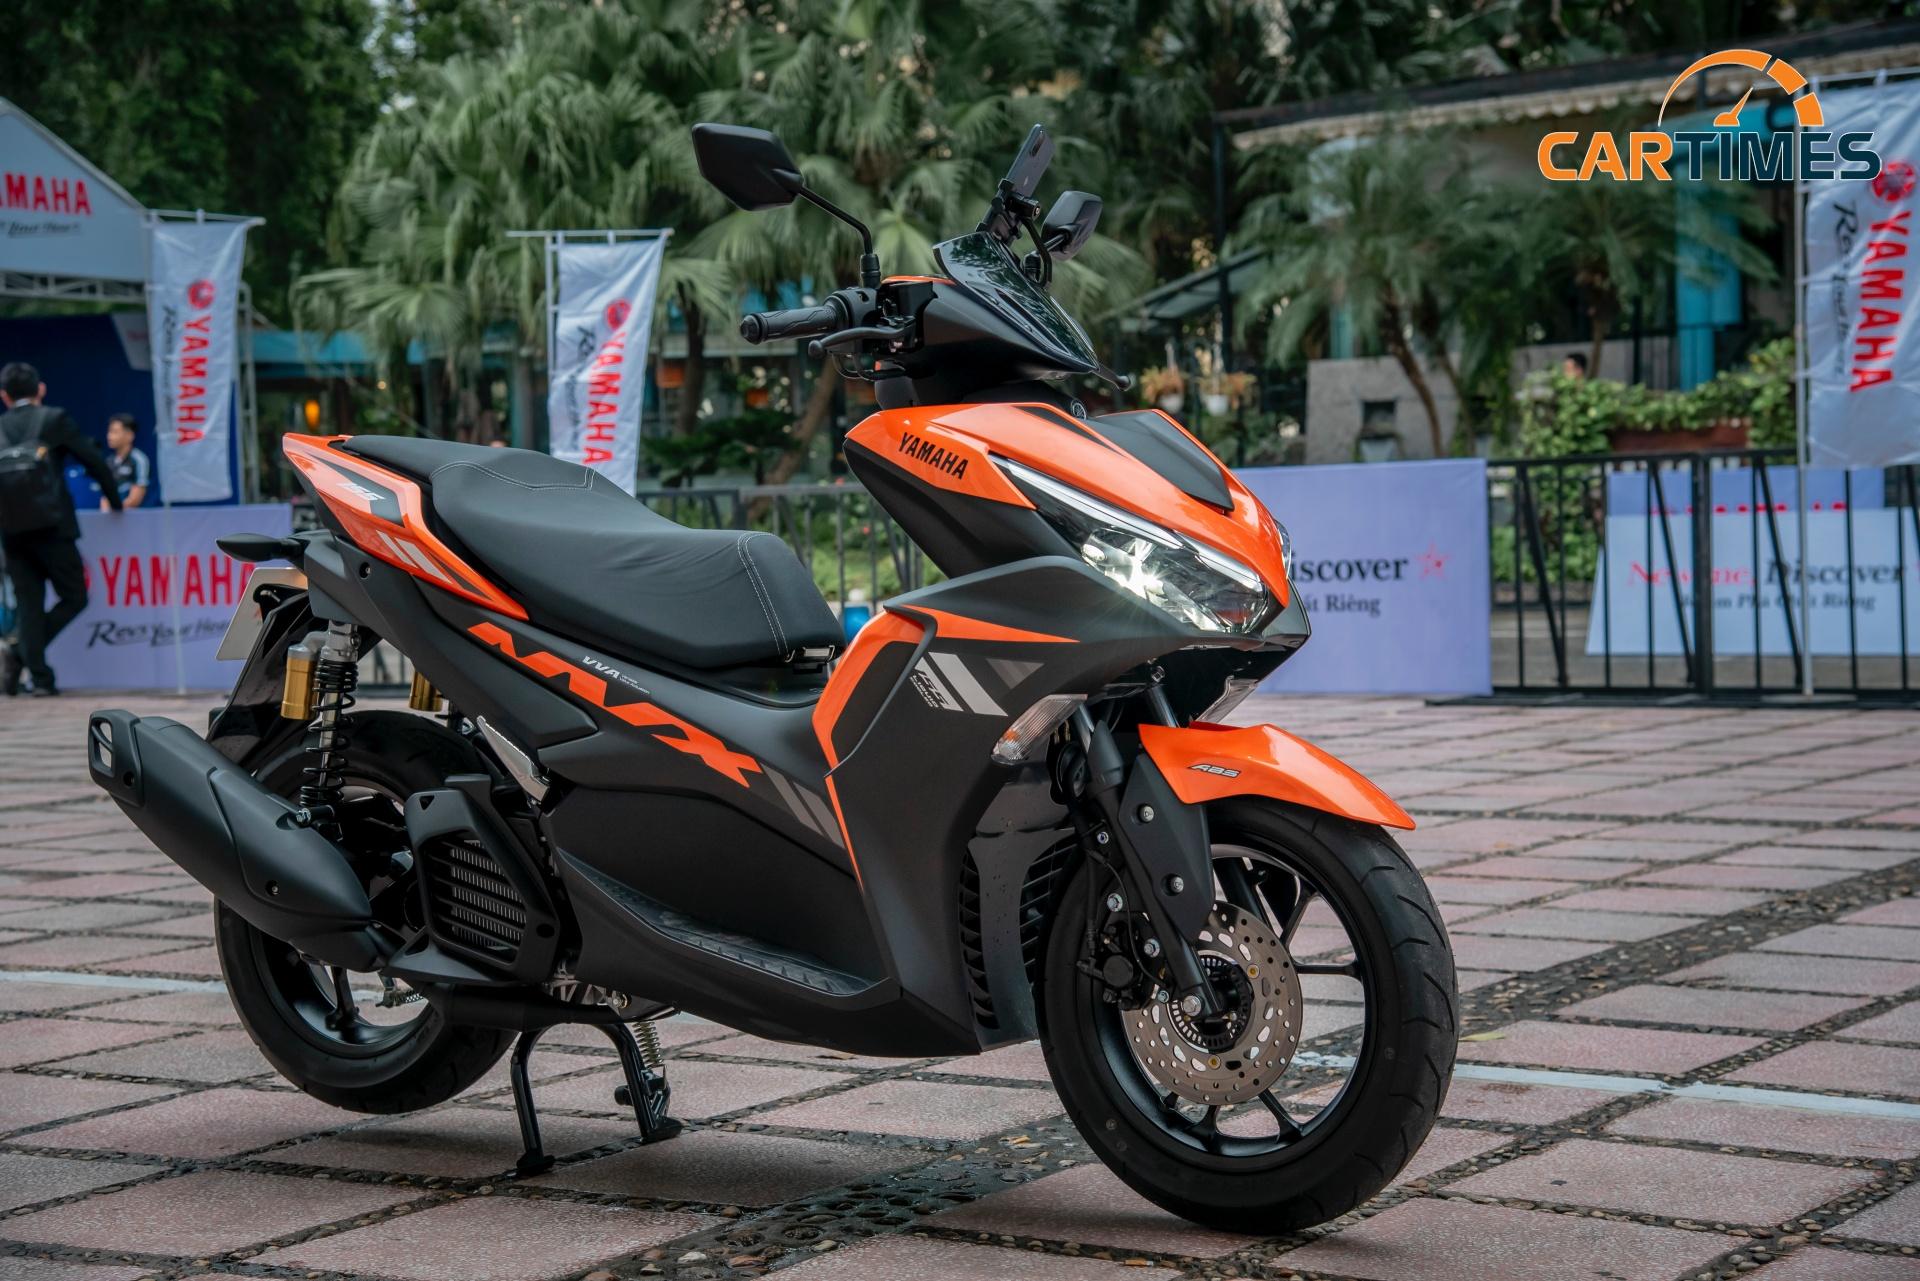 Chi tiết xe Yamaha NVX 2020 vừa ra mắt thị trường Việt Nam: nhiều thay đổi, không còn bản 125cc